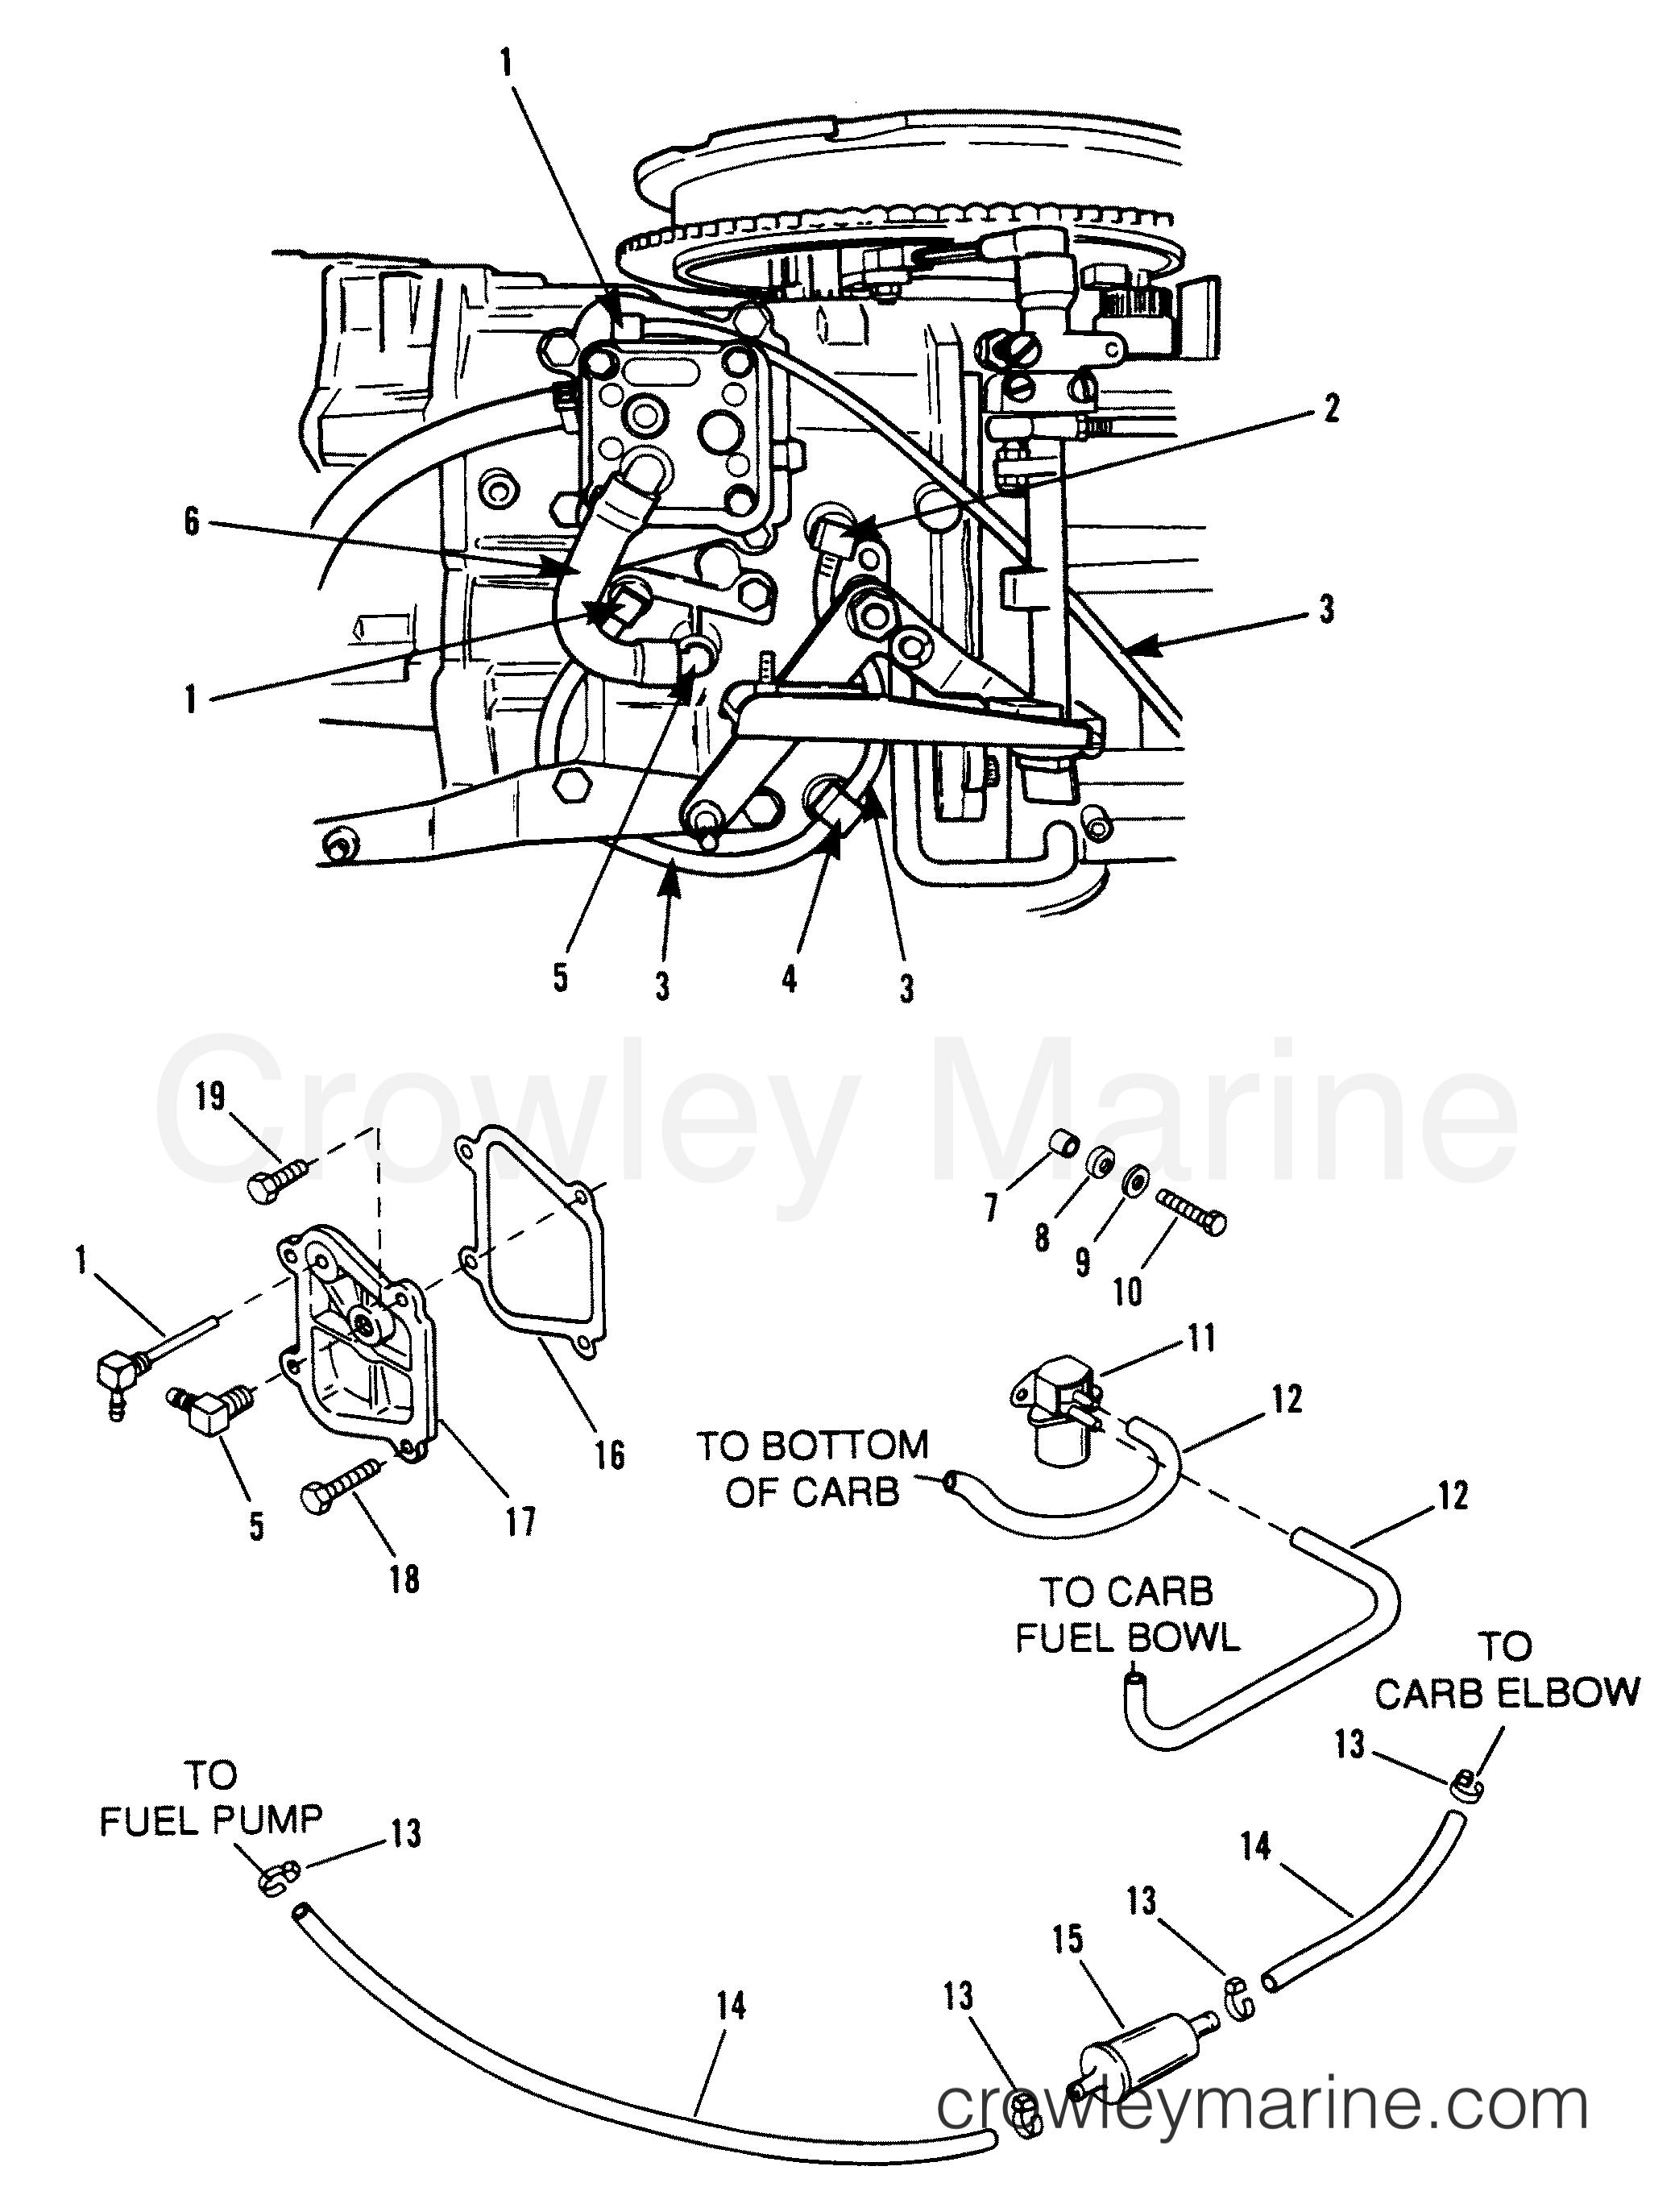 recirculation and prime system  92c  e065372 e093699